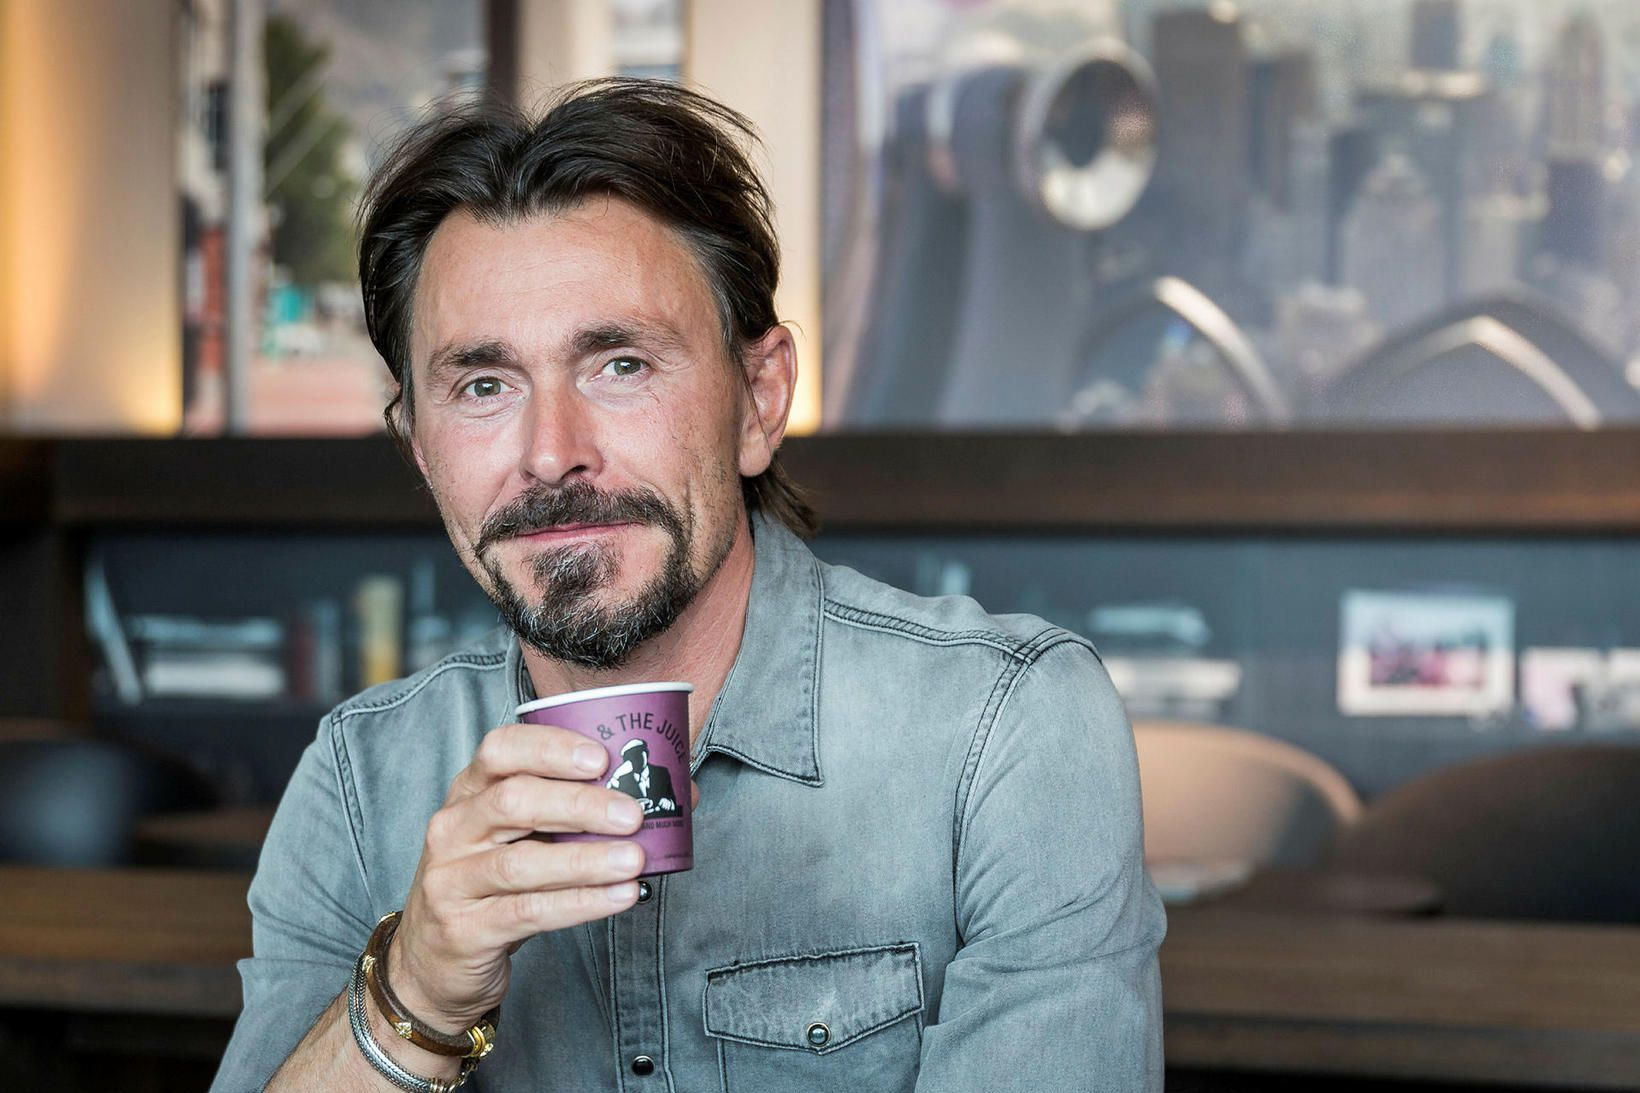 Birgir Bieltvedt hefur verið atkvæðamikill á íslenskum veitingamarkaði síðustu áratugi.